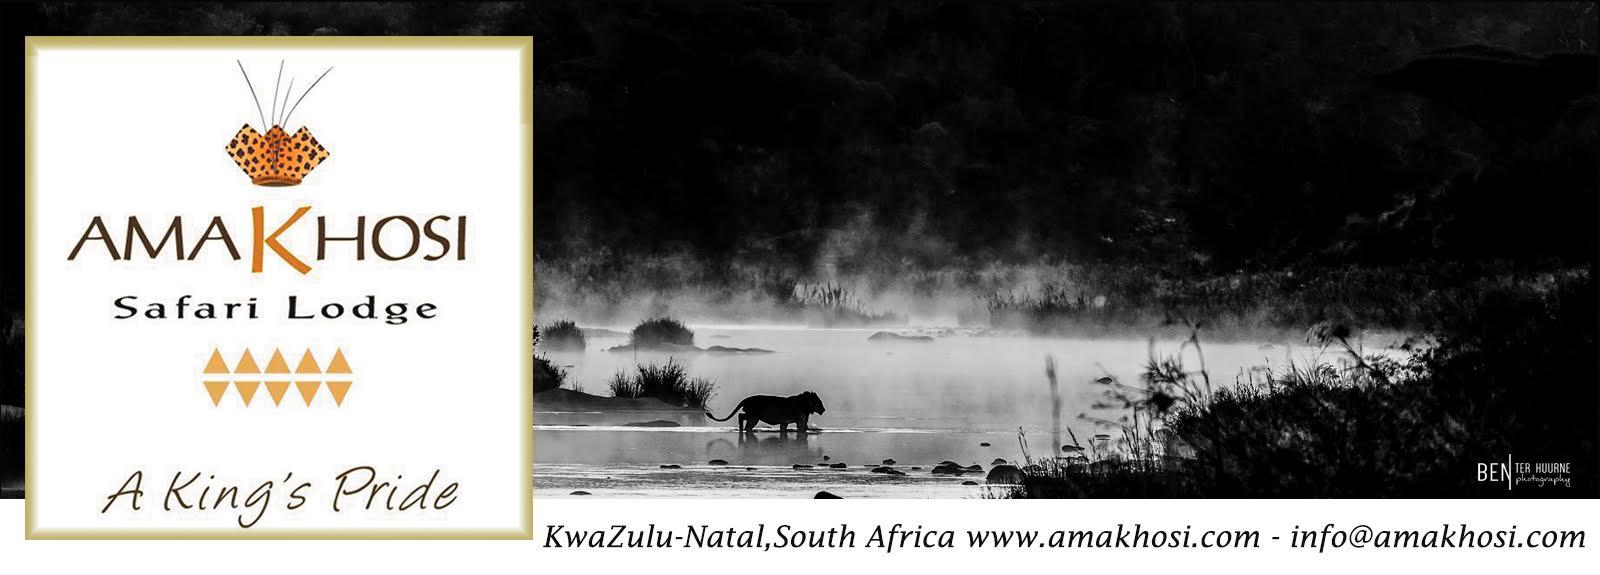 amakhosi-safari-lodge1